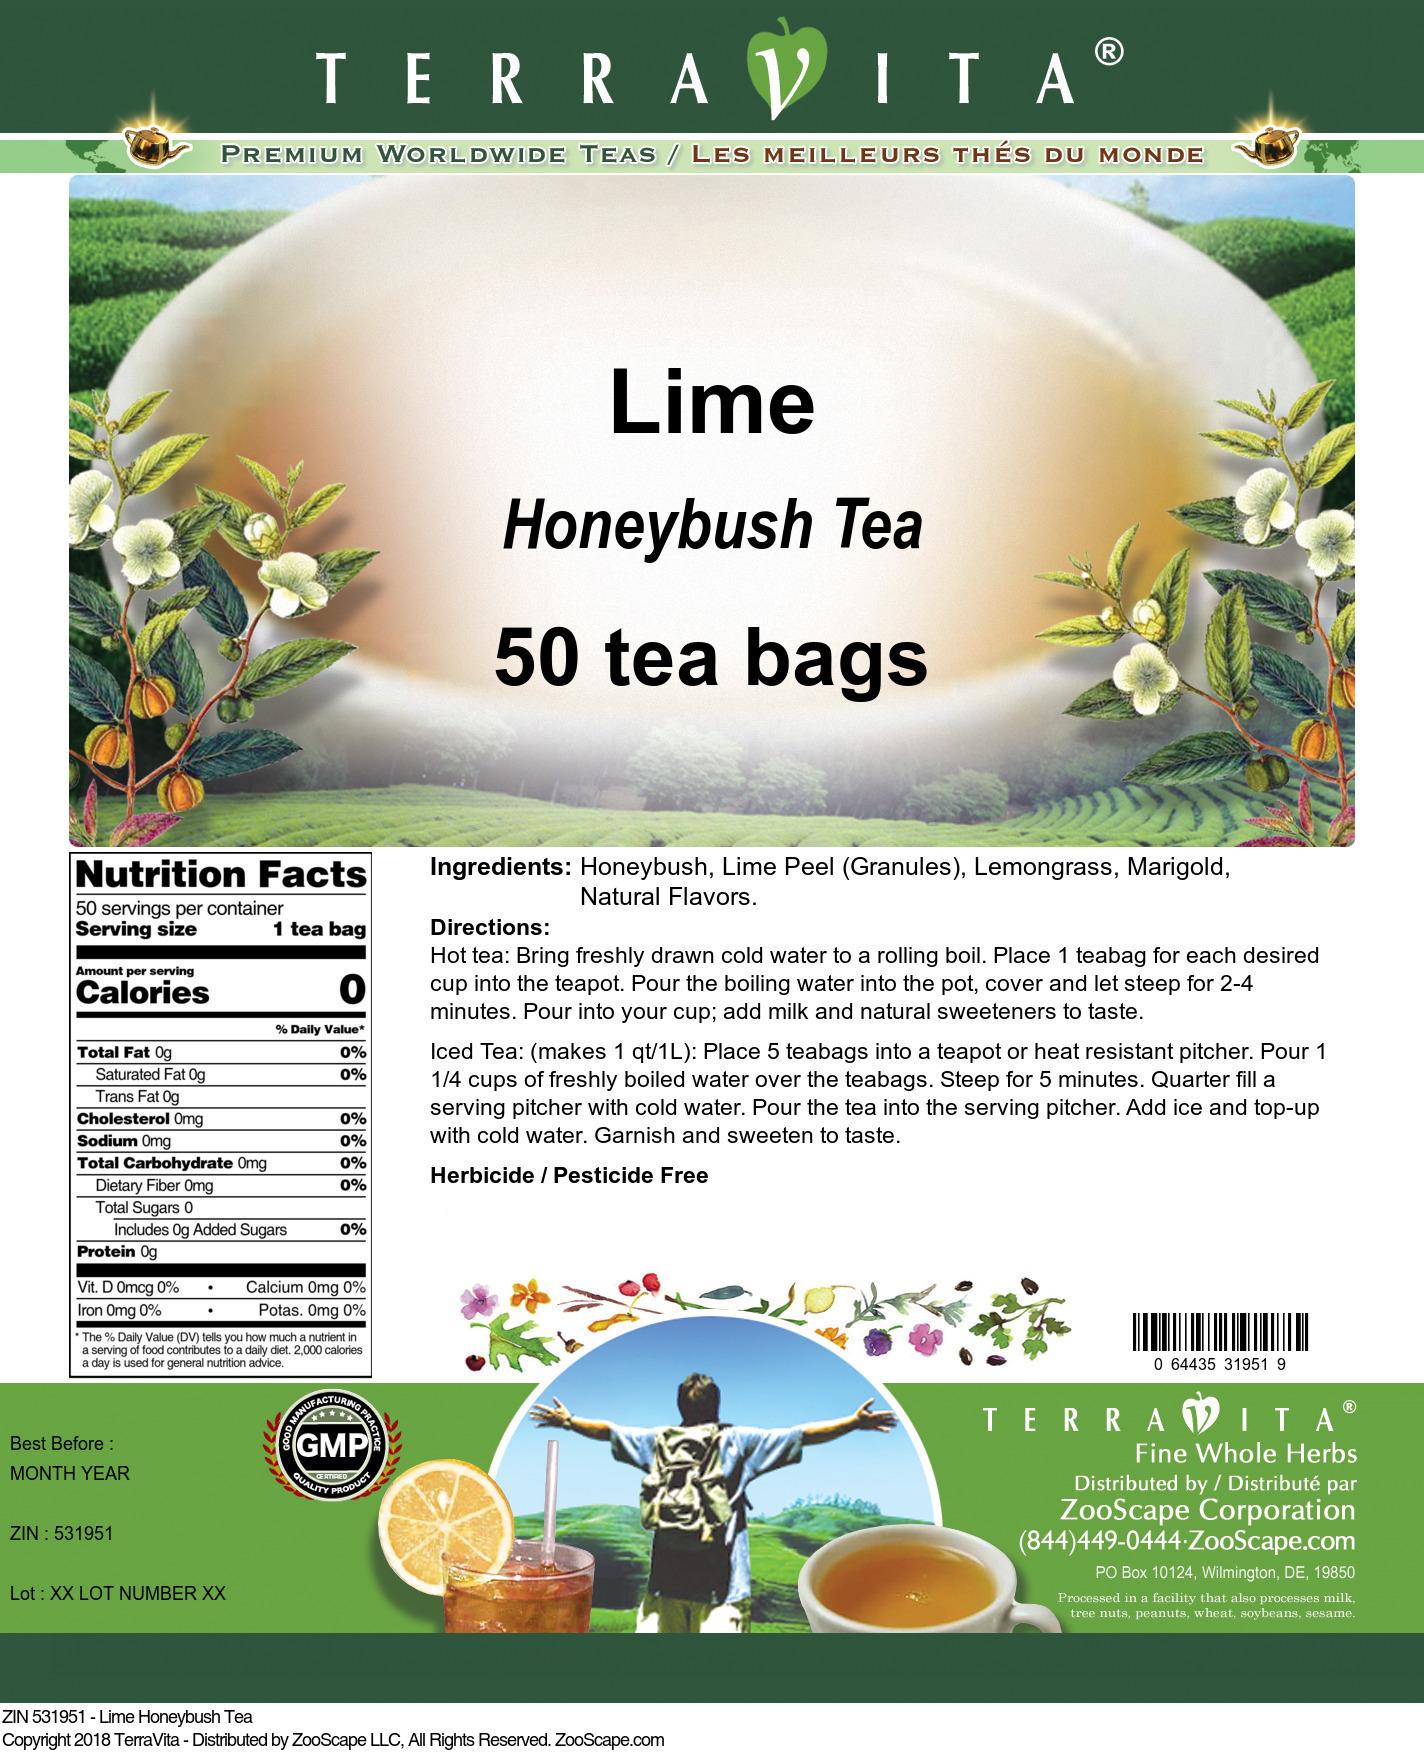 Lime Honeybush Tea